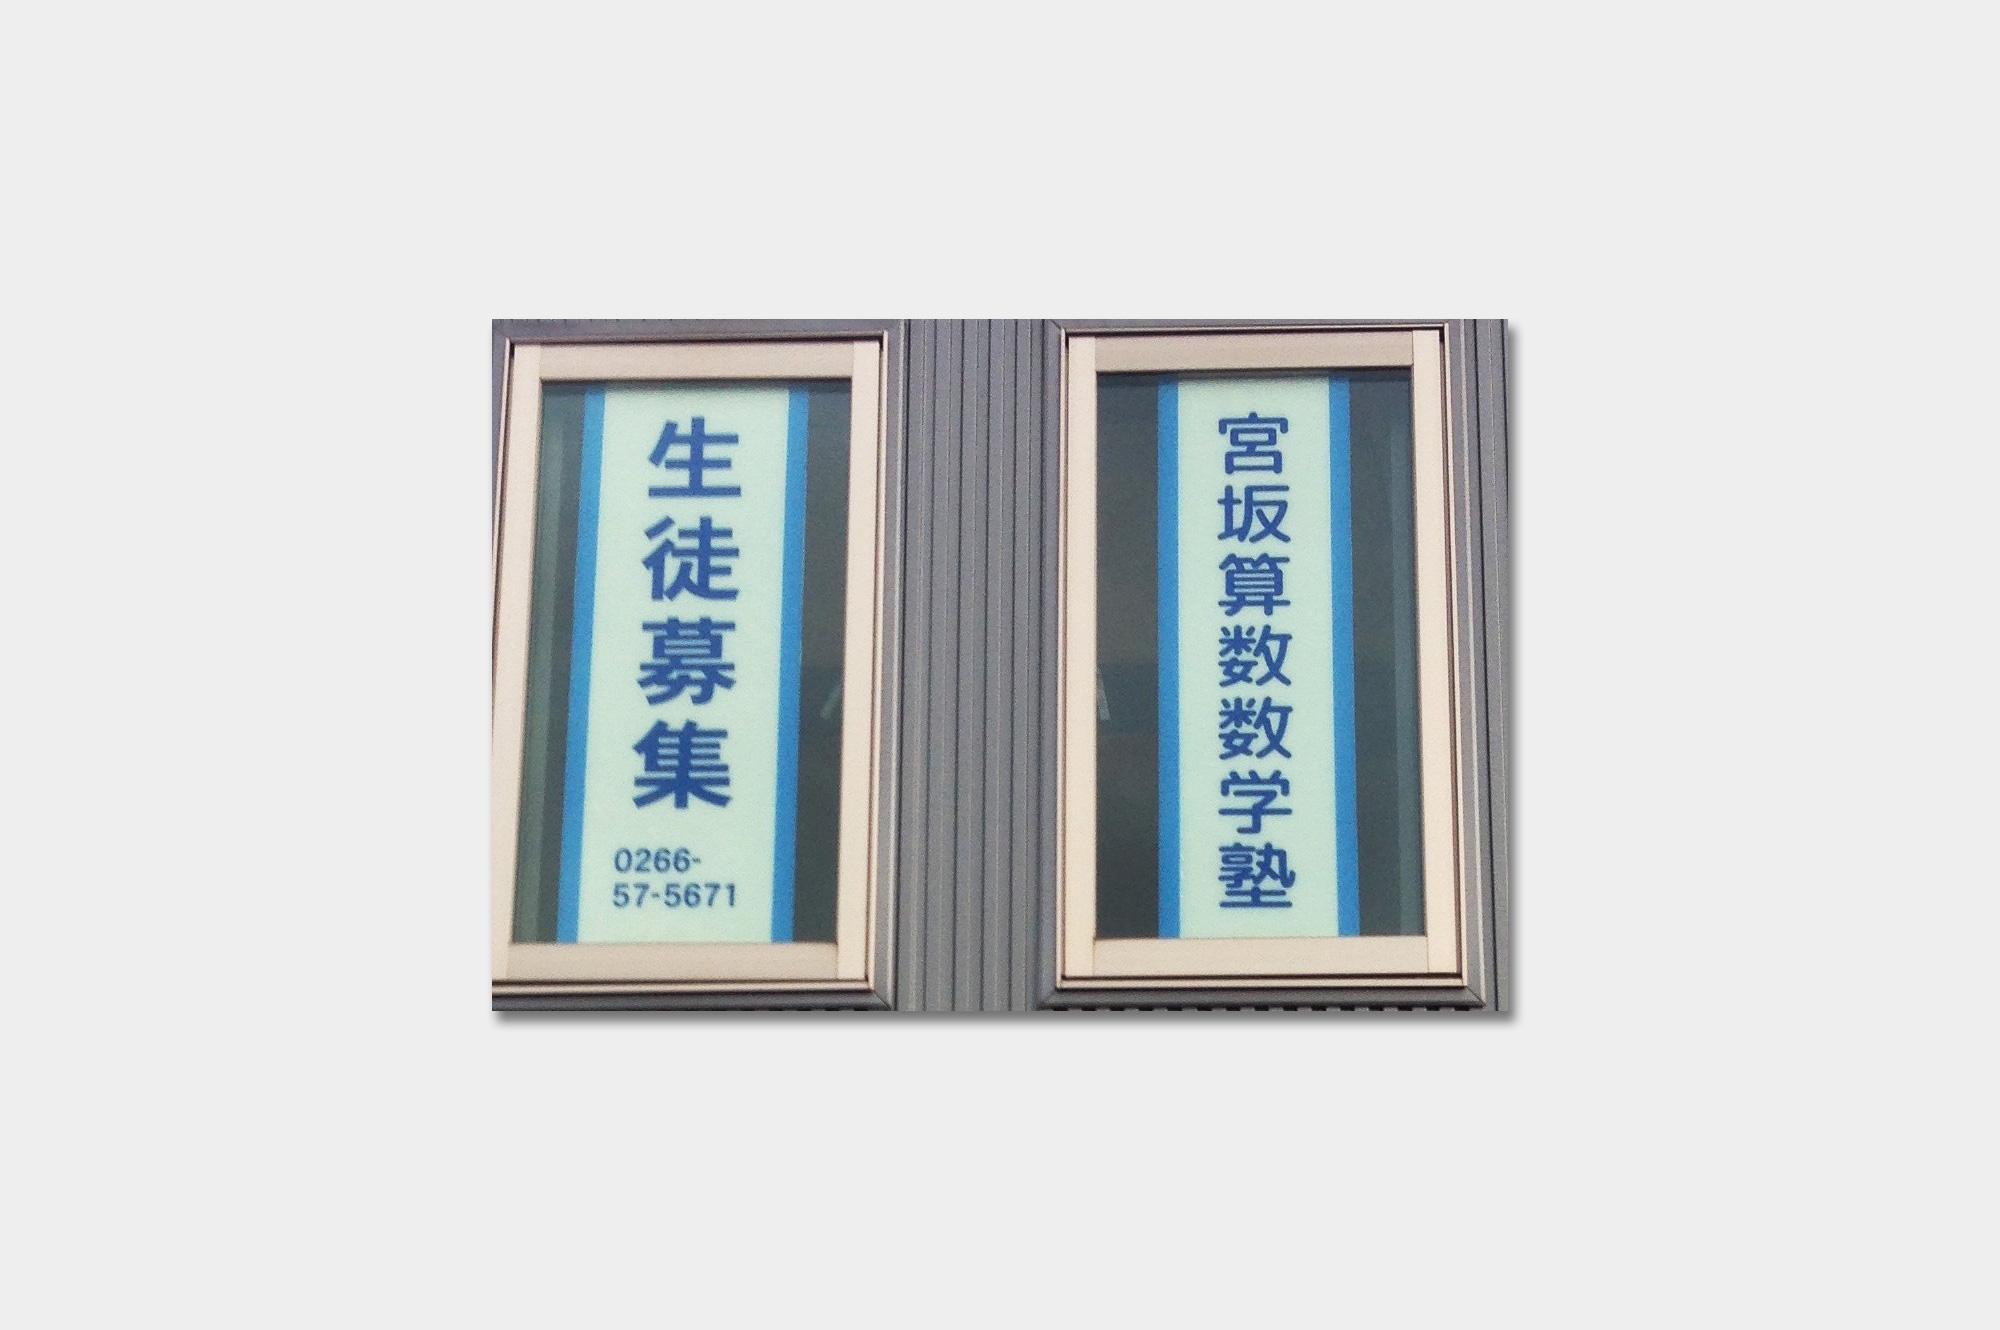 窓ガラスシート(宮坂算数数学塾様)